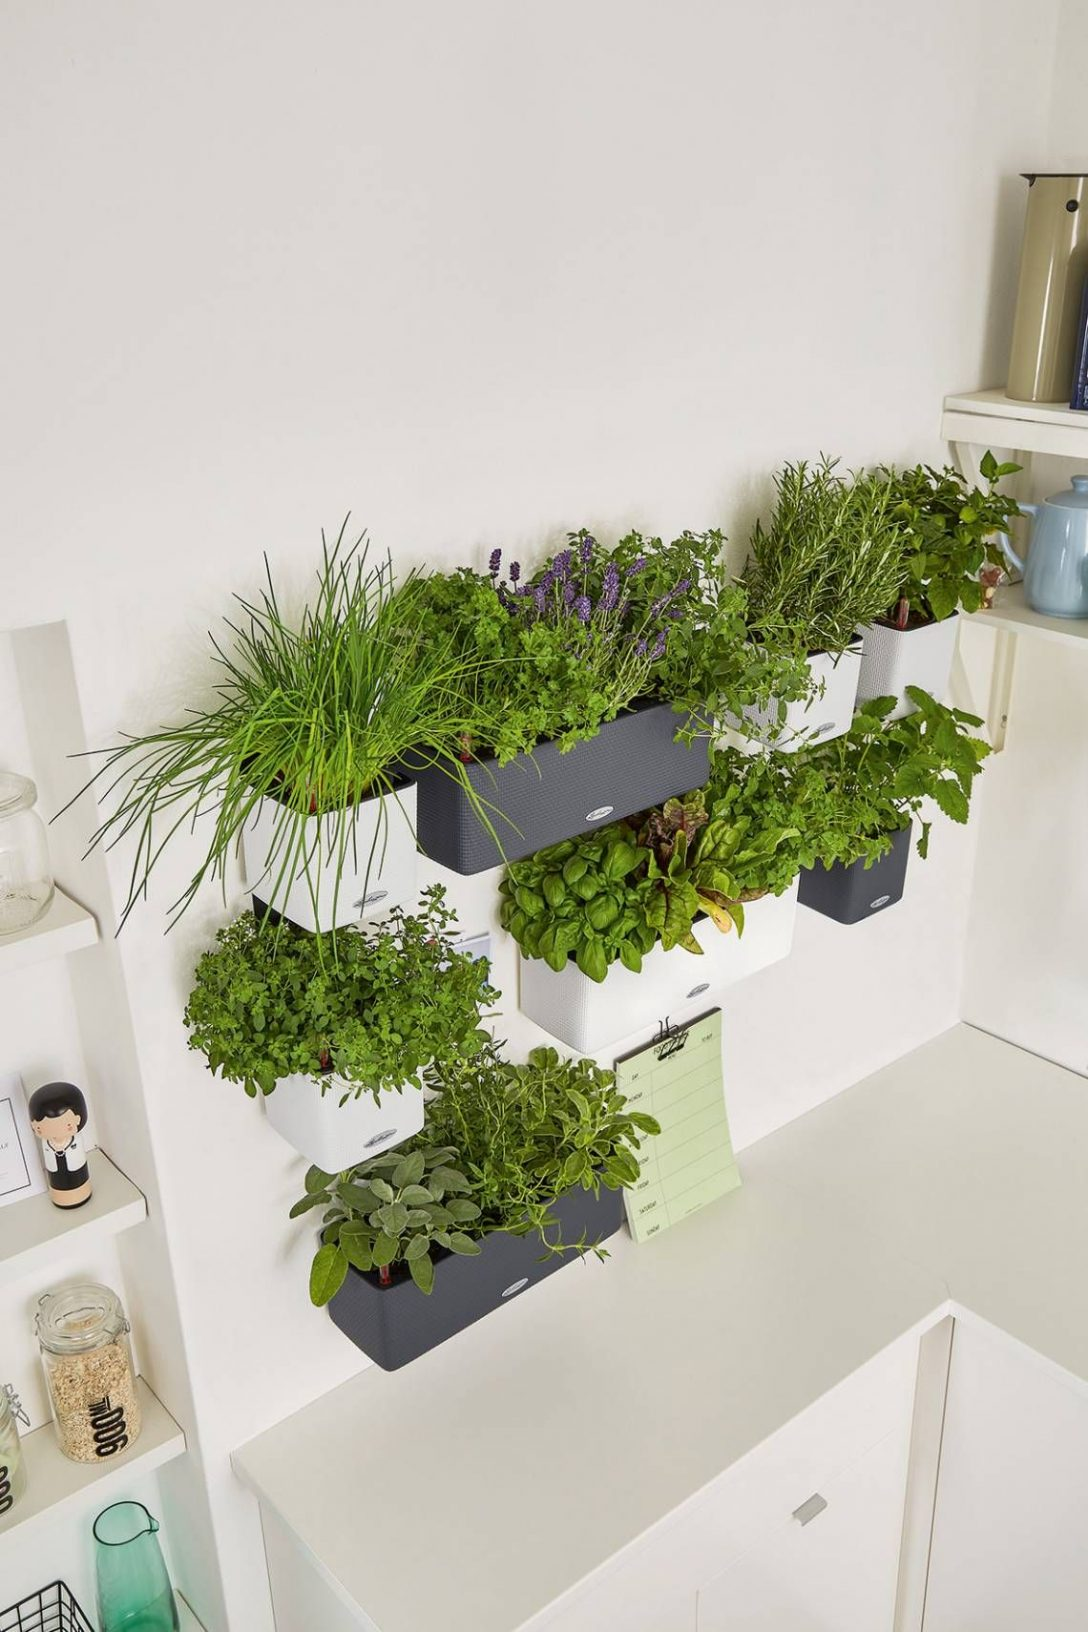 Large Size of Kräutertöpfe Krutertpfe Von Lechuza Cube 14 Colortriple Green Wall Pflanzen Wohnzimmer Kräutertöpfe